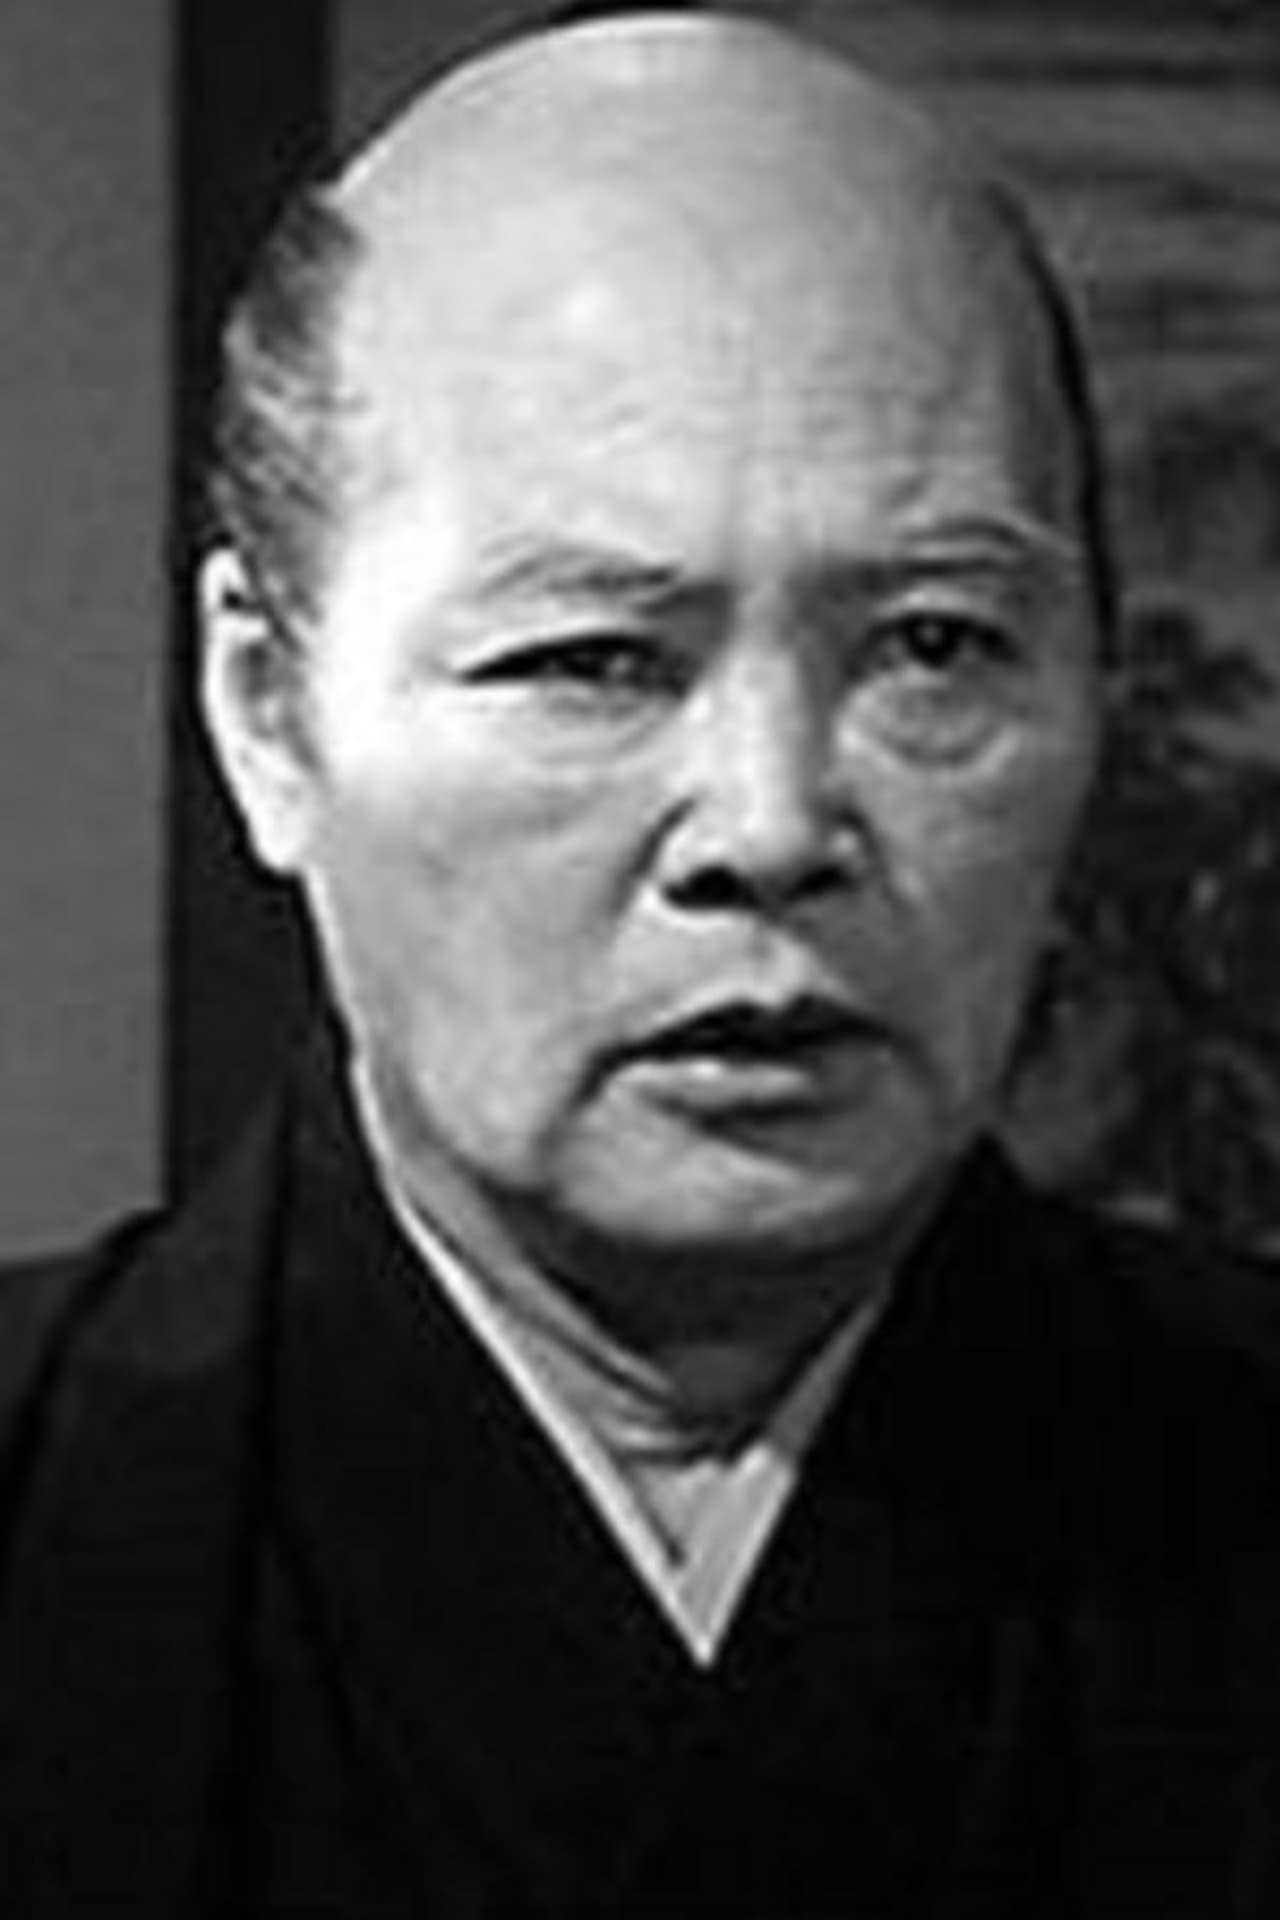 Takamaru Sasaki